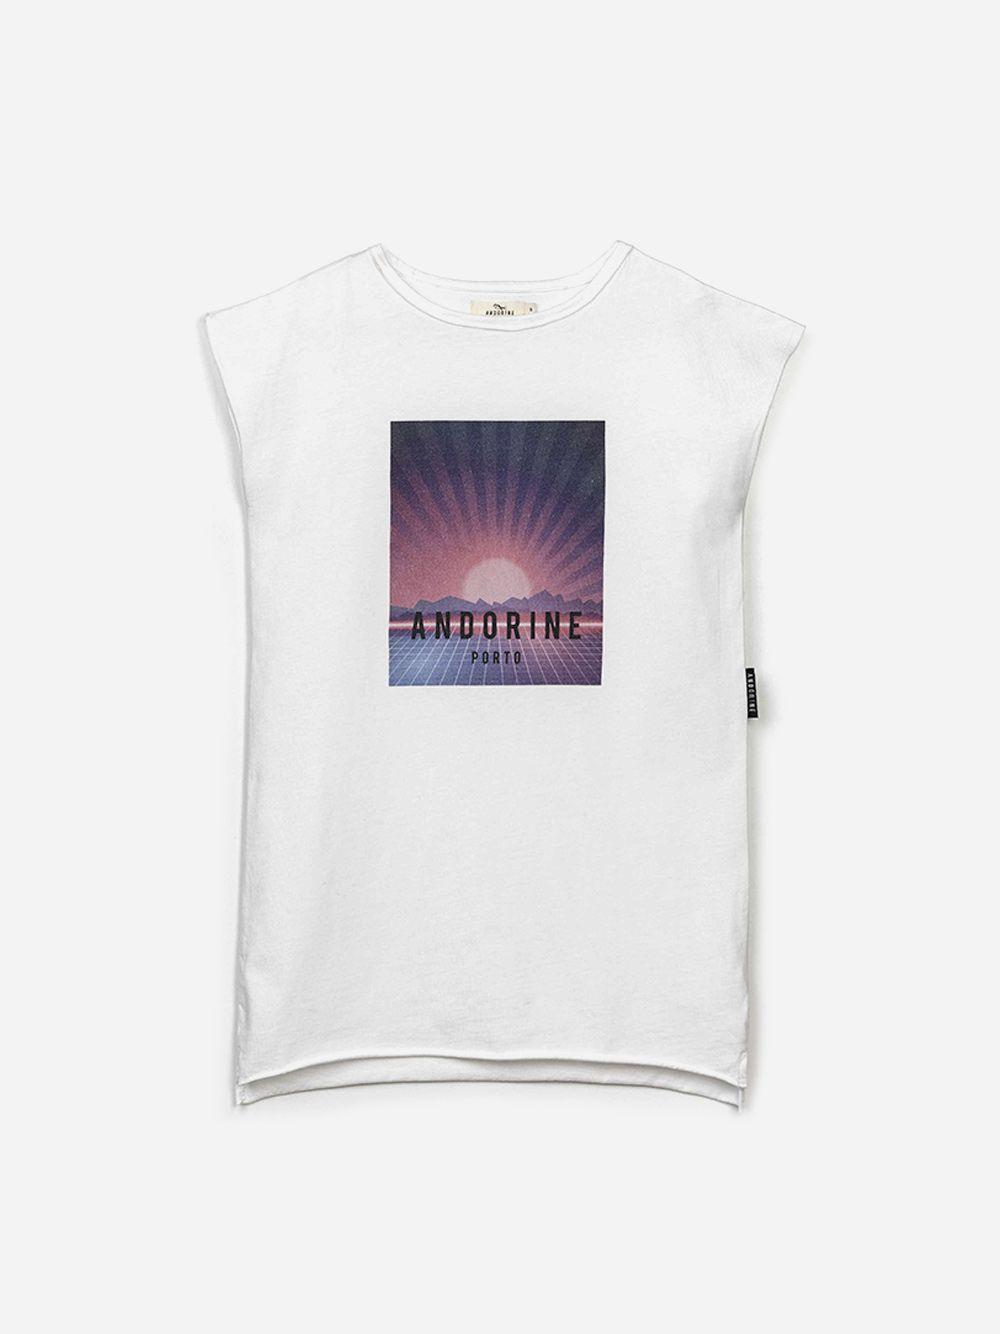 Vestido T-shirt Branco Estampado | Andorine